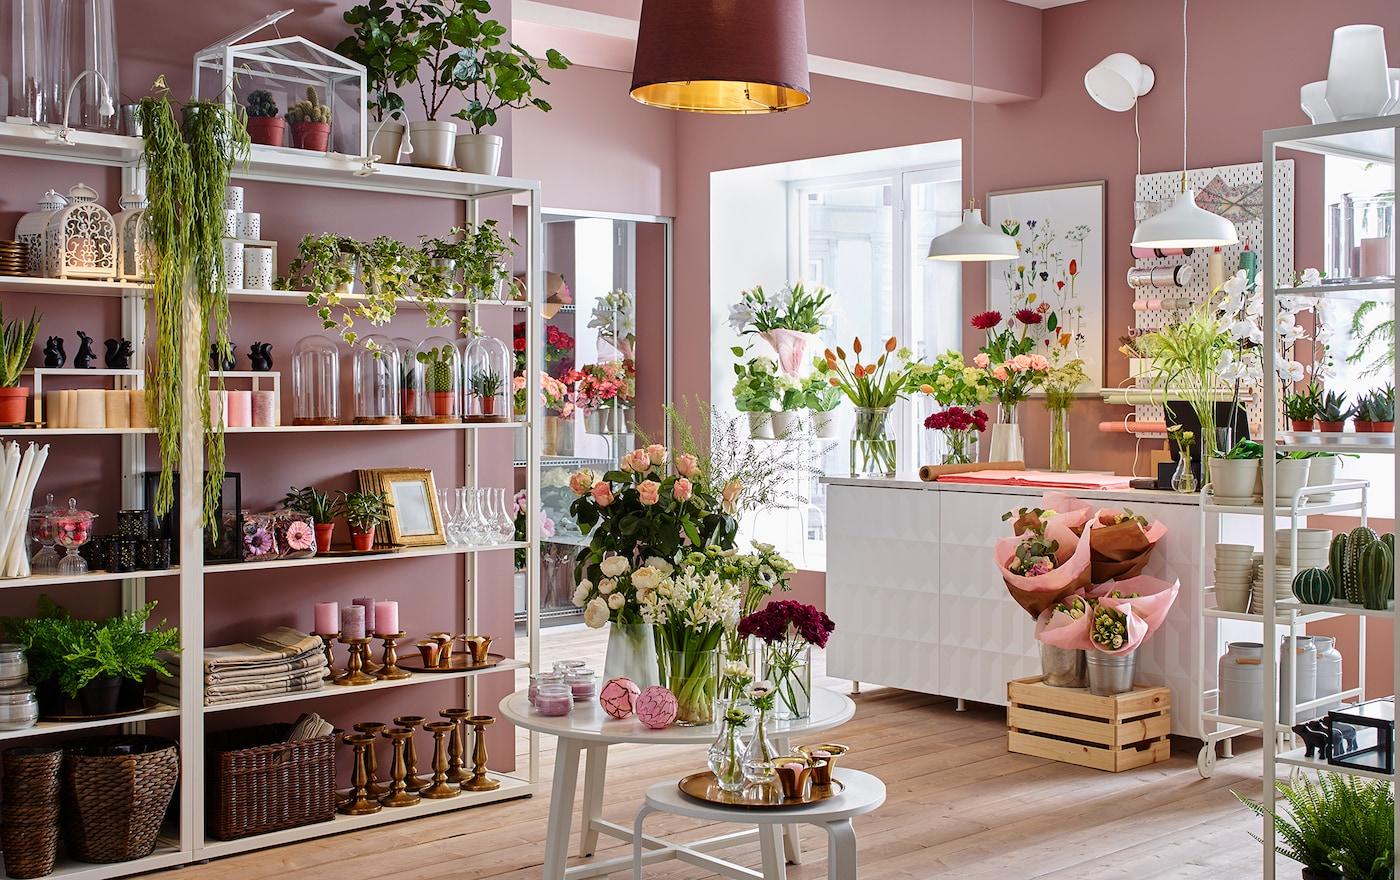 Blumenladen mit rosafarbenen Wänden, FJÄLKINGE Regalen, KRAGSTA Tisch, Dekoartikeln & bunten Blumen.